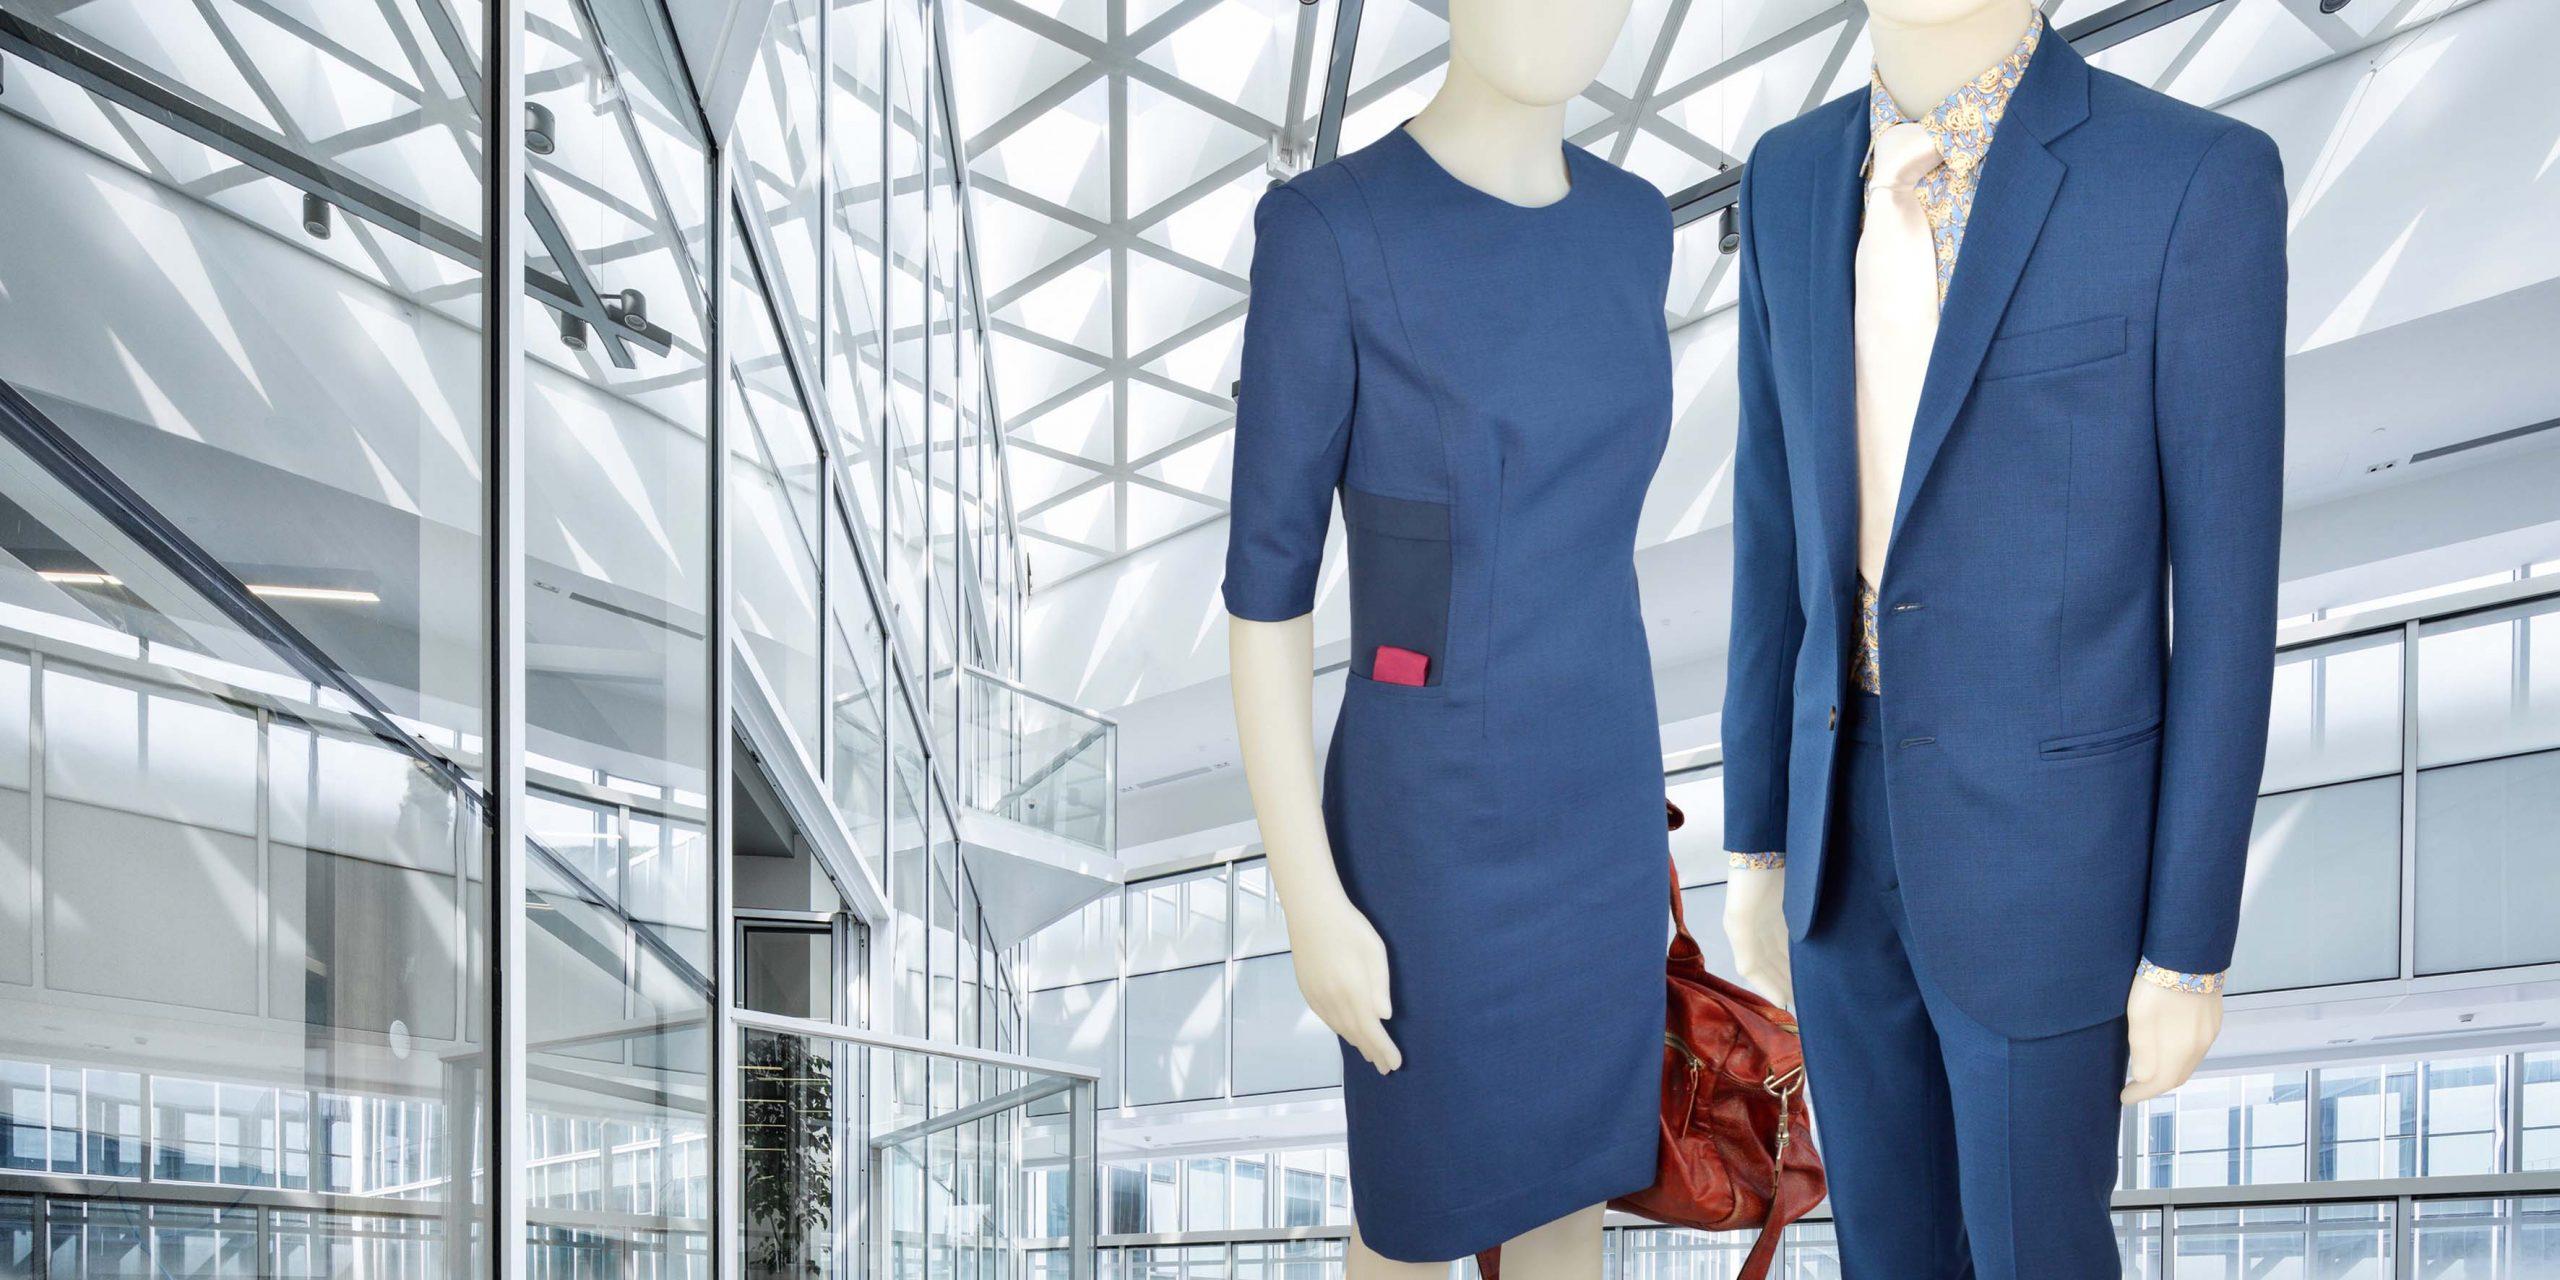 kresse-corporate-wear-design-entwicklung-produktion